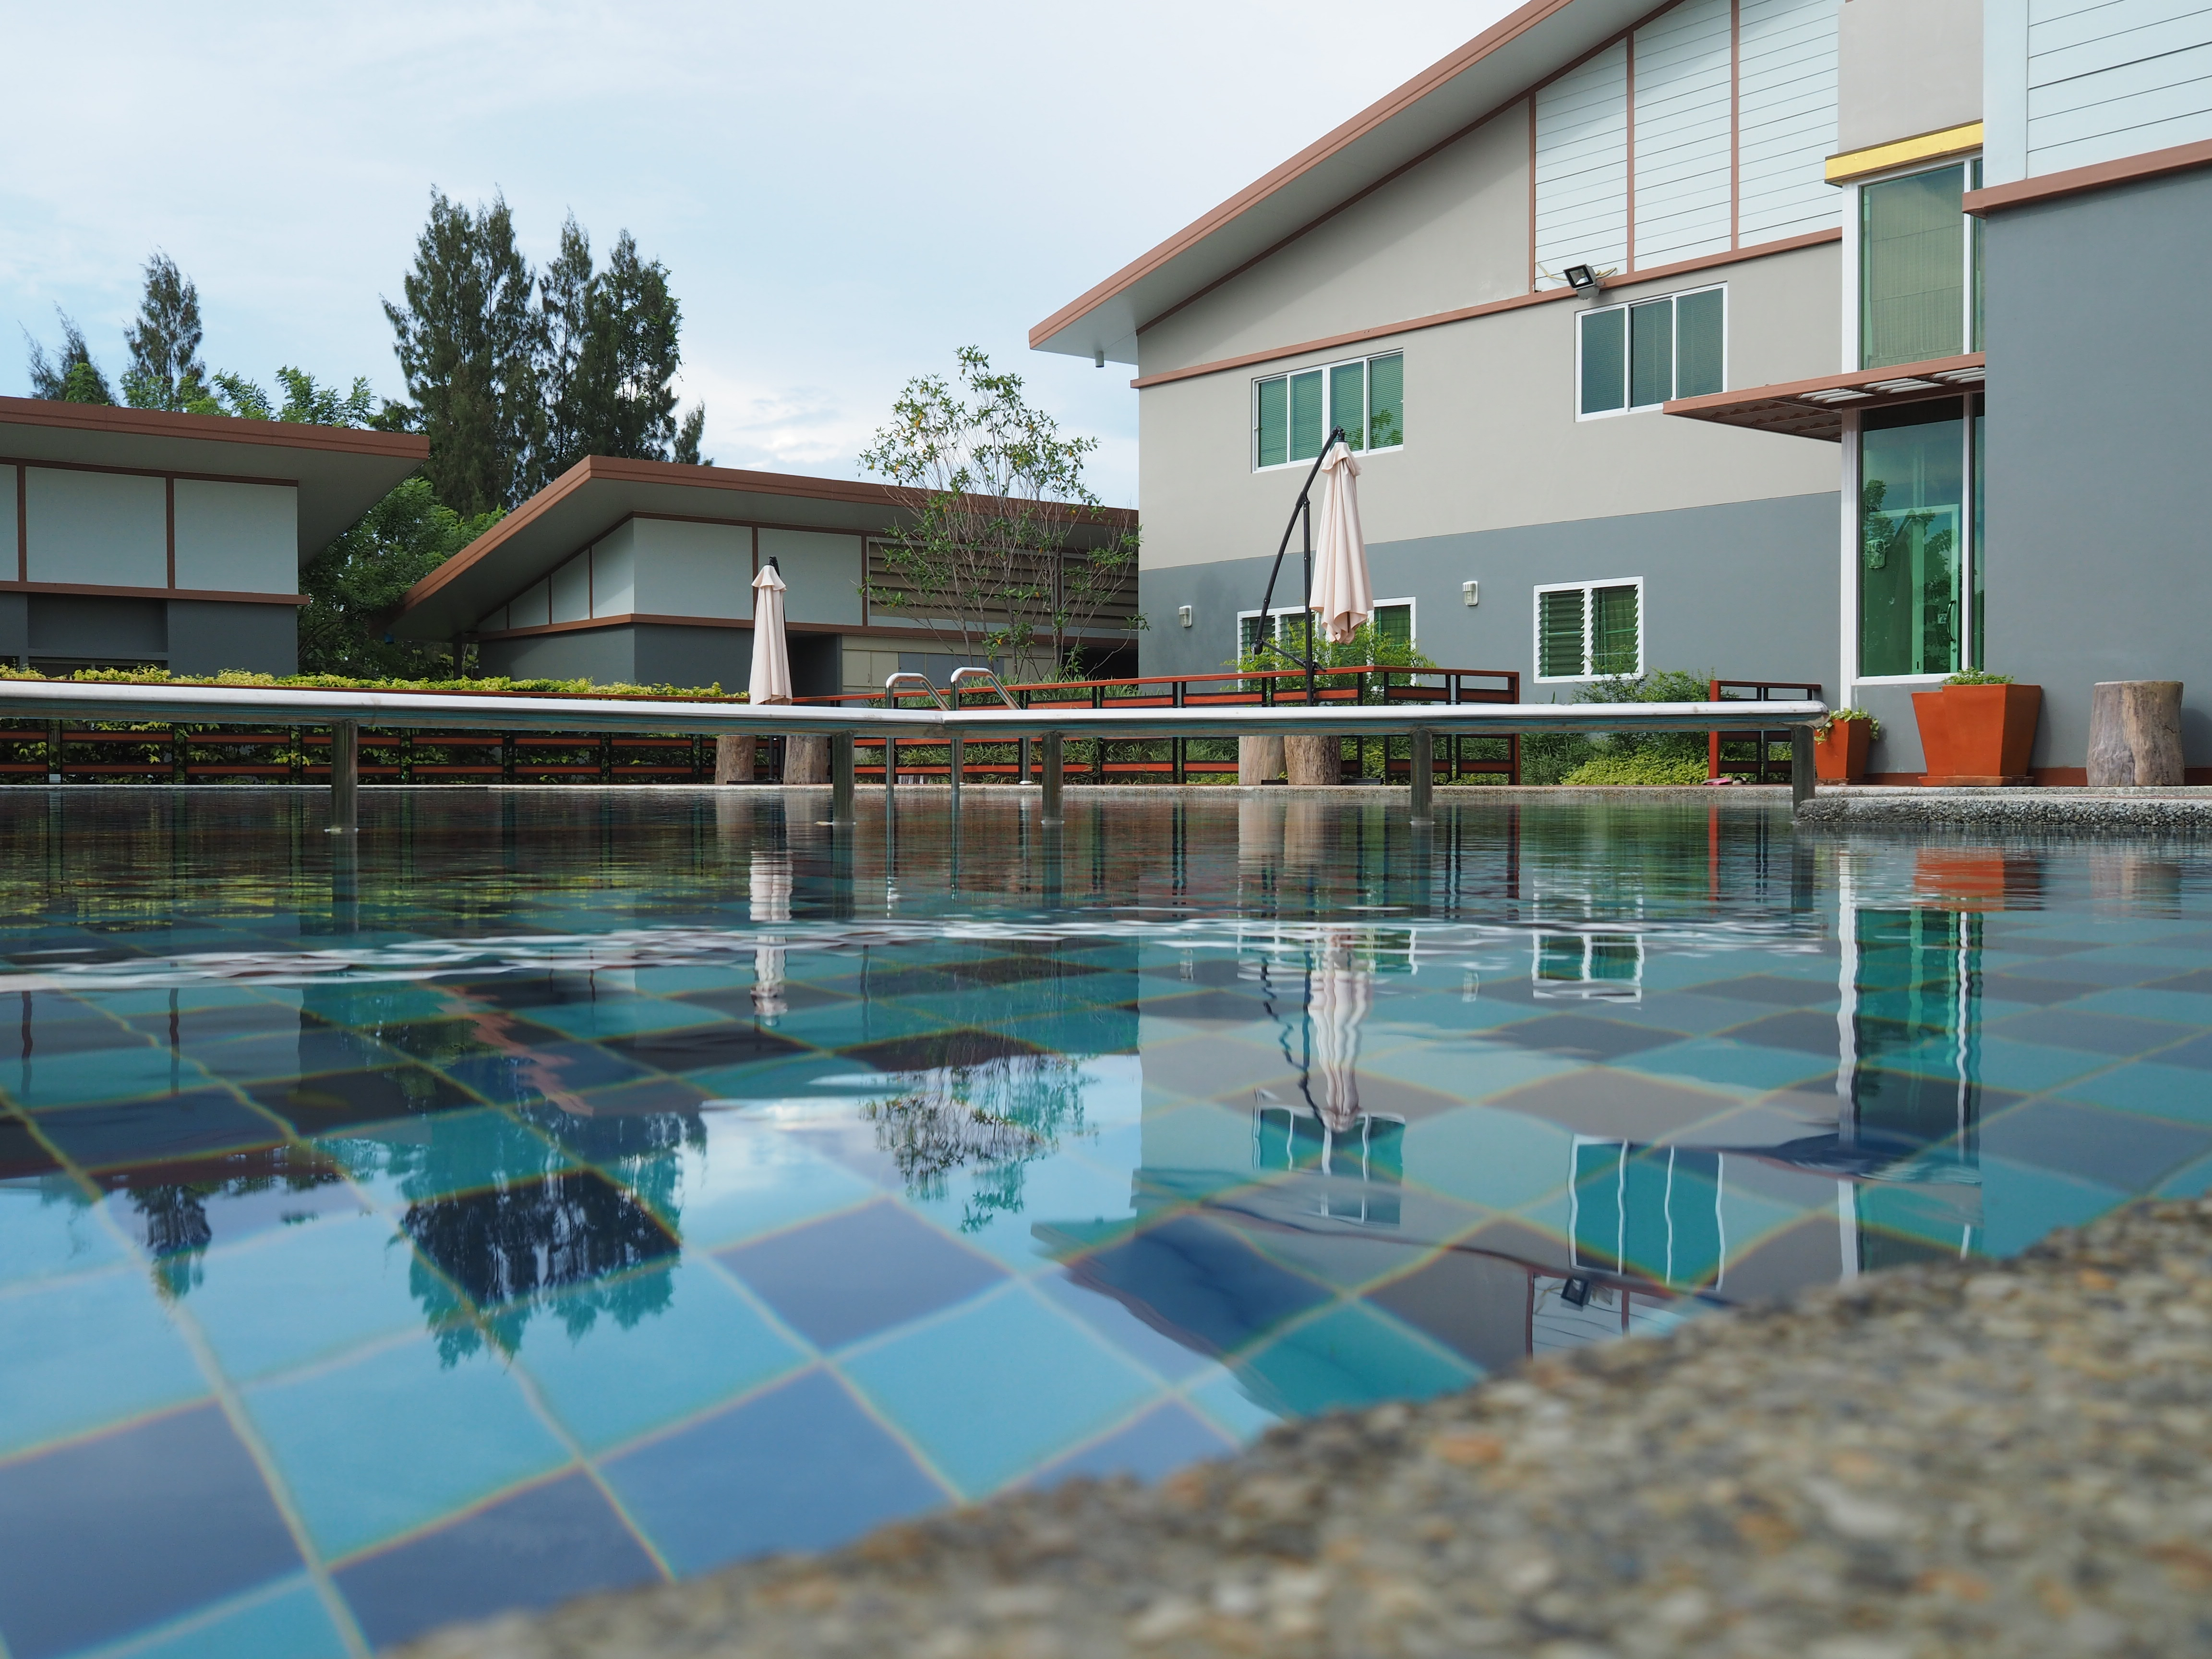 ึคลับเฮาส์พร้อมสระว่ายน้ำ ฟิตเนส ฯลฯ